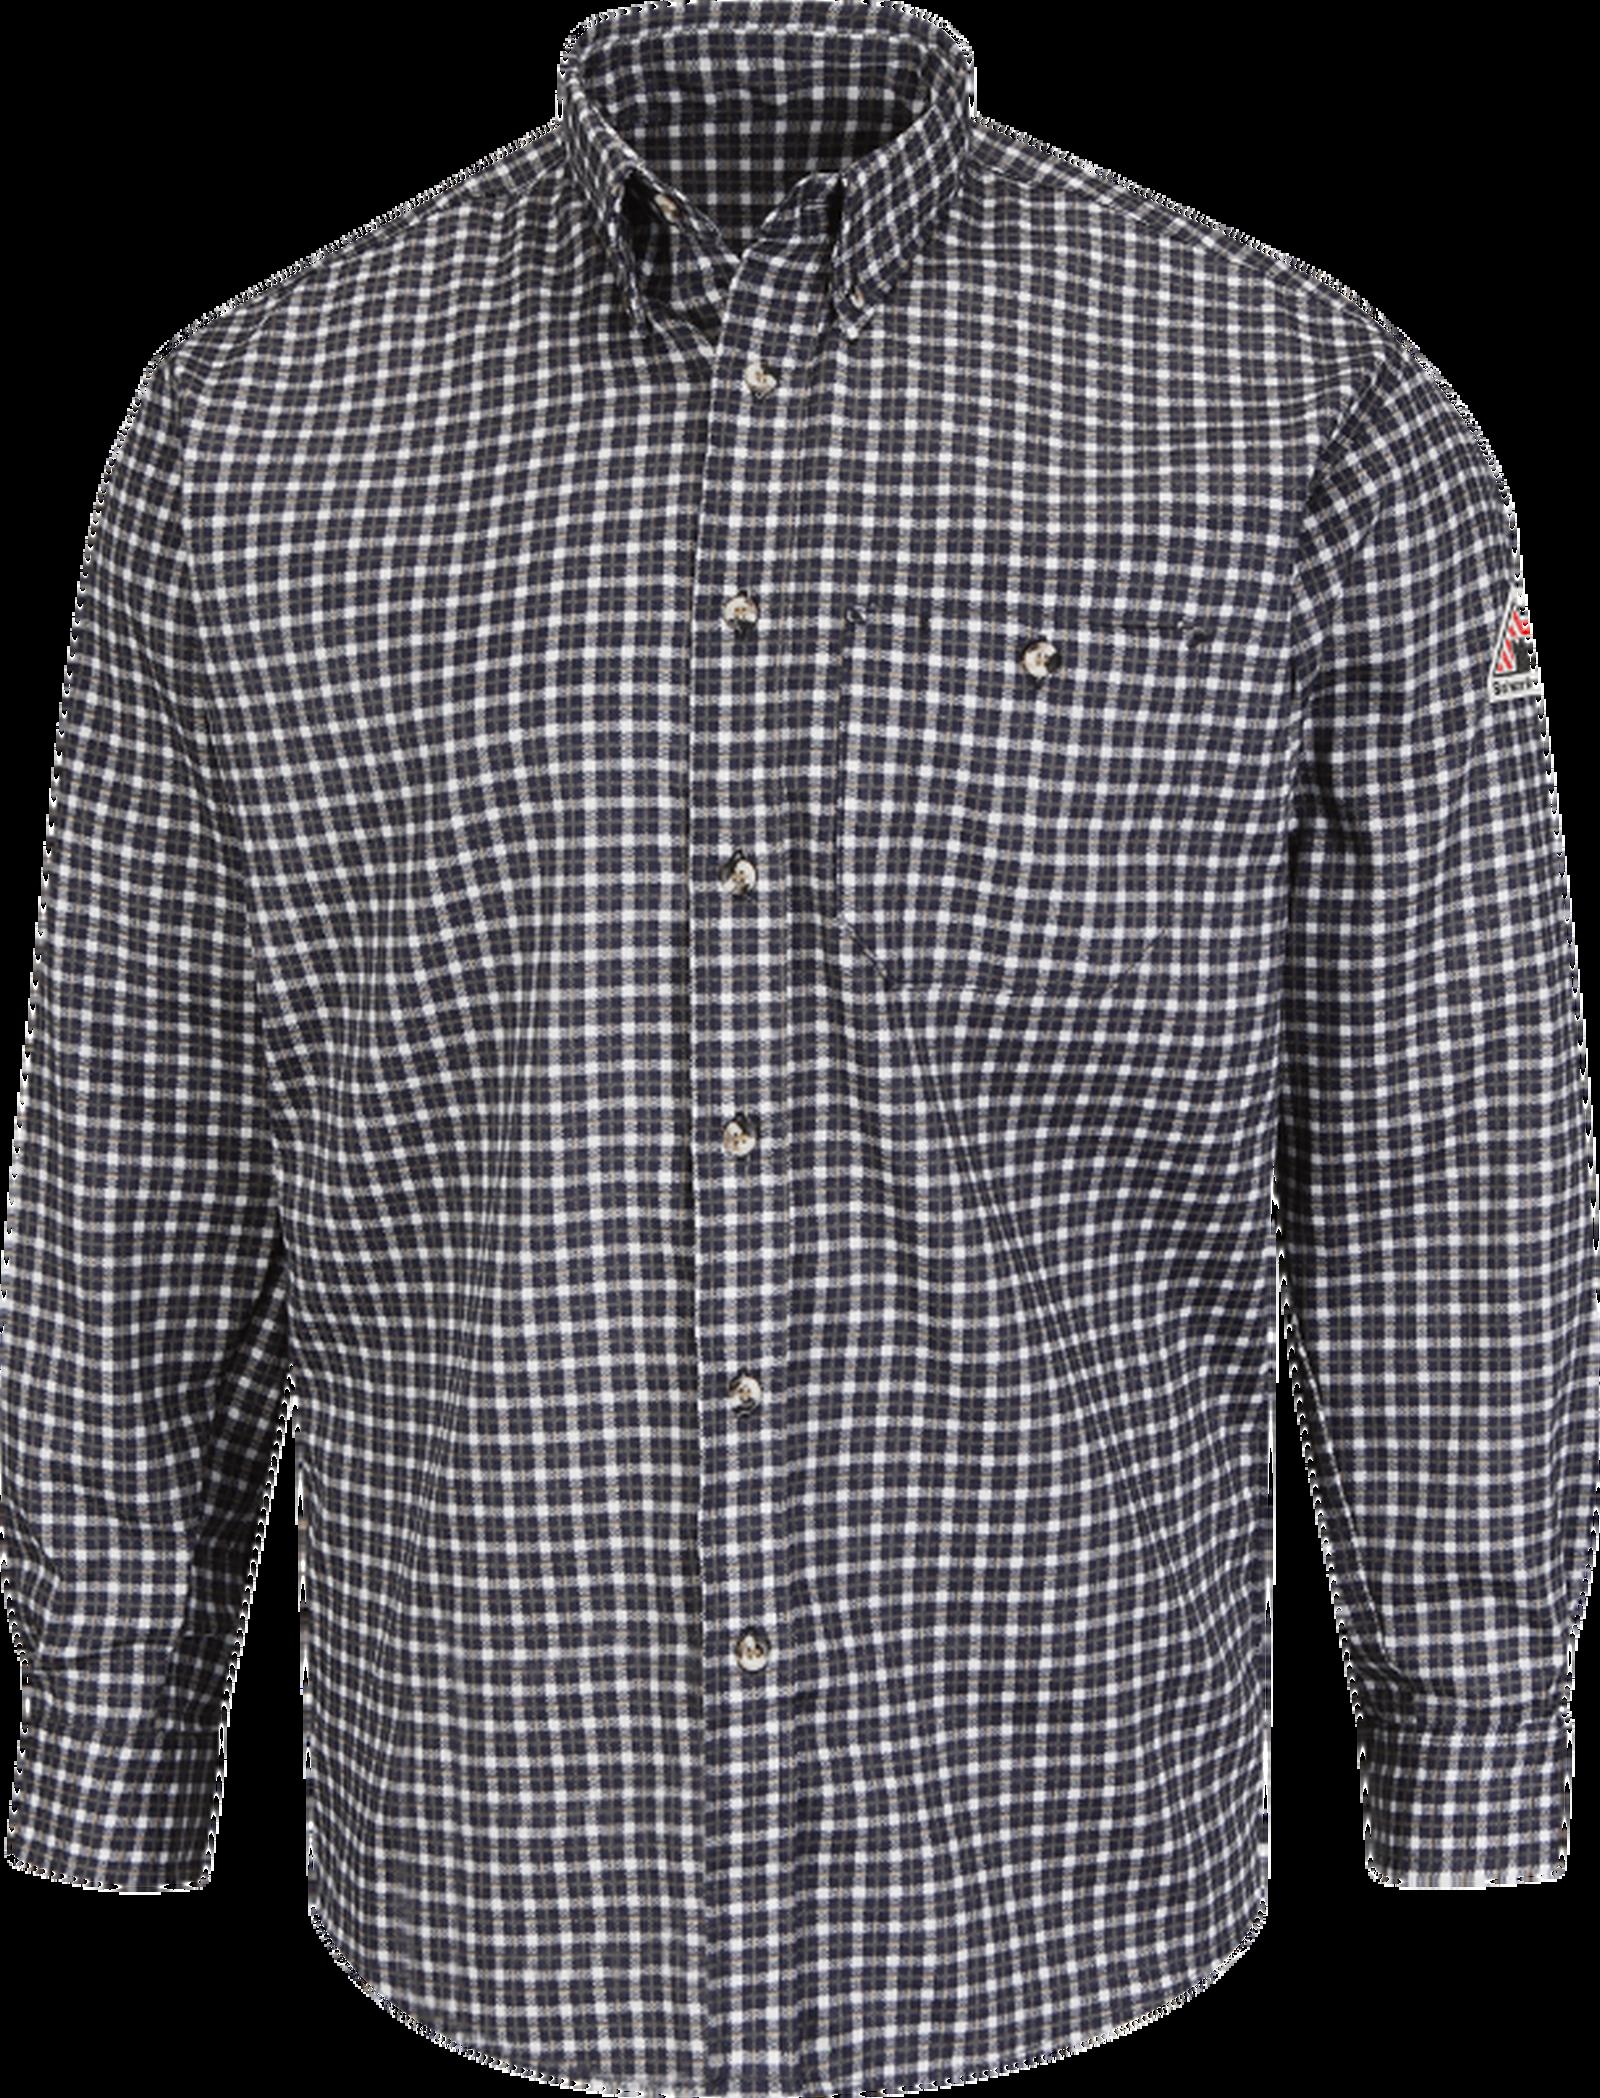 Men's Lightweight Excel FR Plaid Dress Shirt